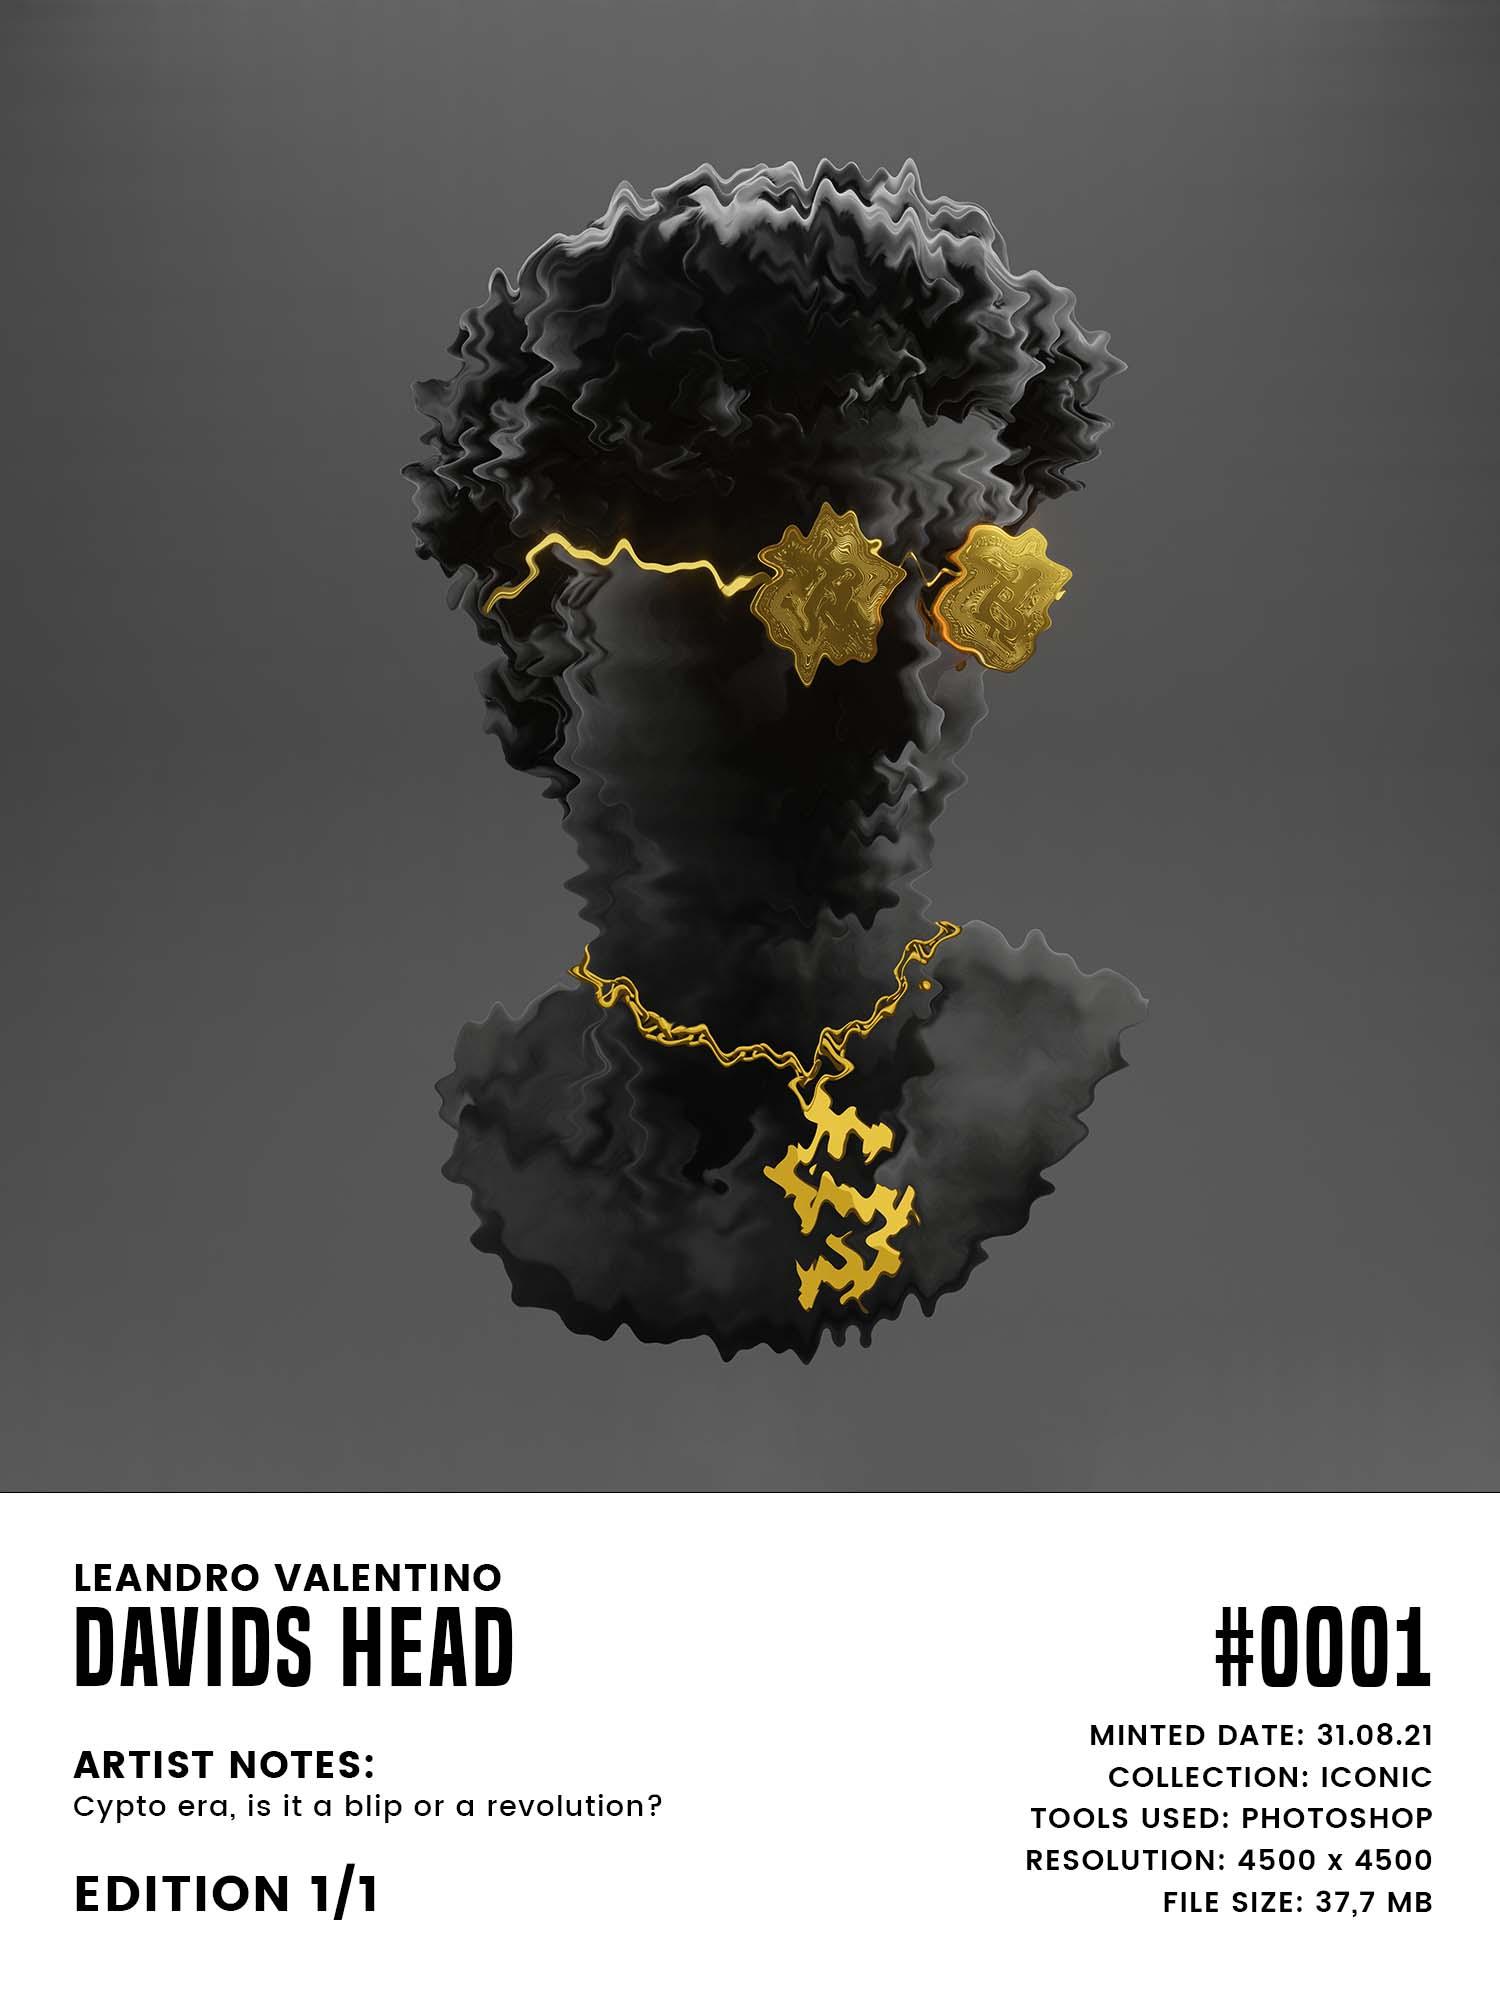 Davids Head